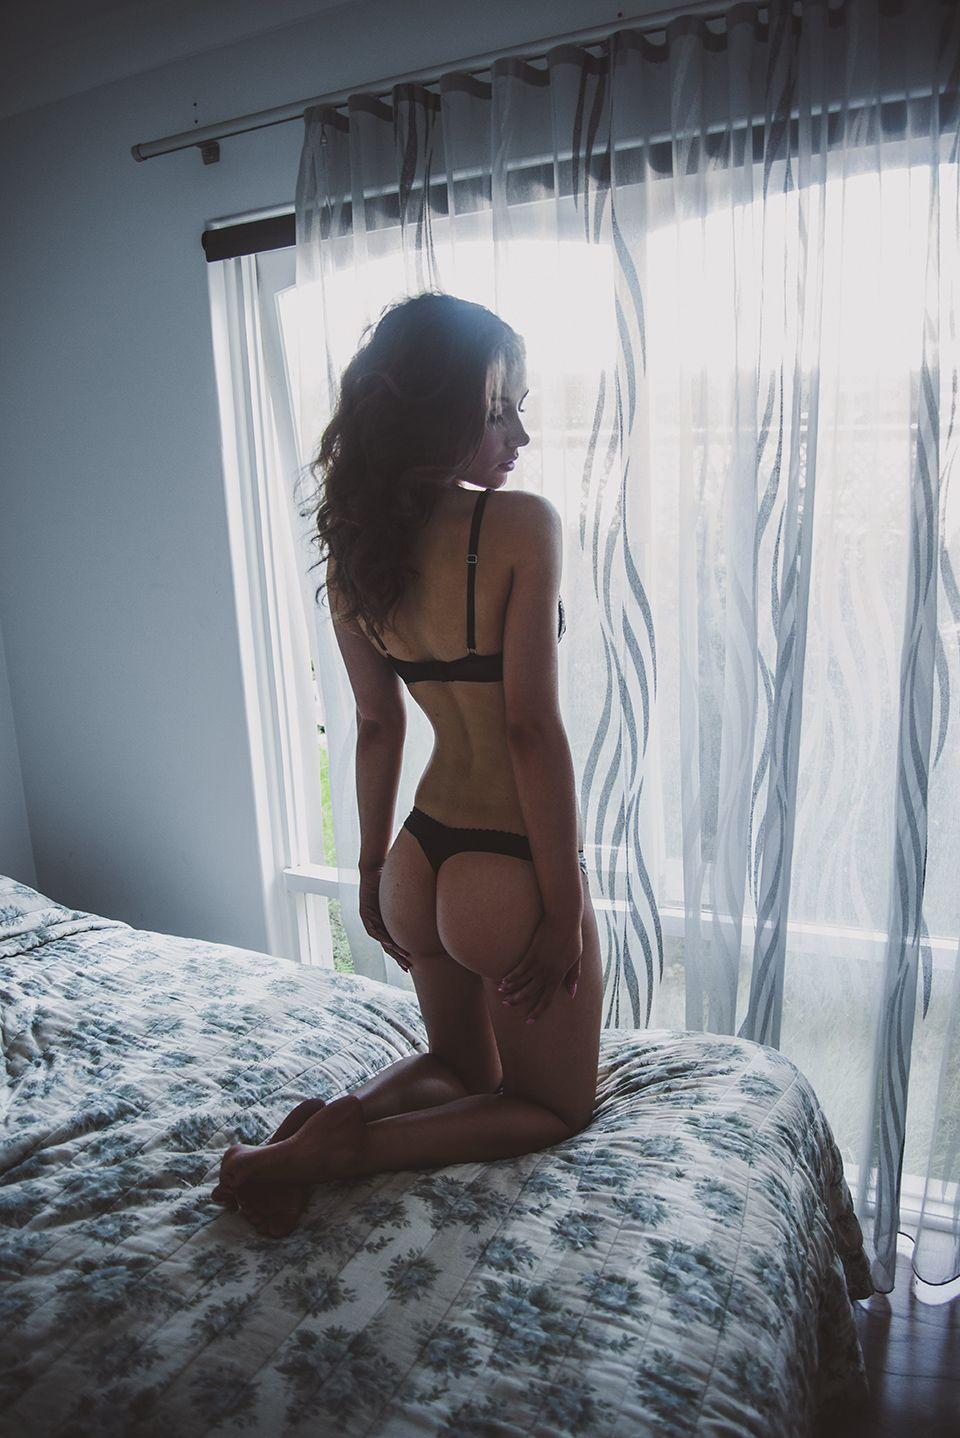 Bikini Leaked Susan Muhling naked photo 2017